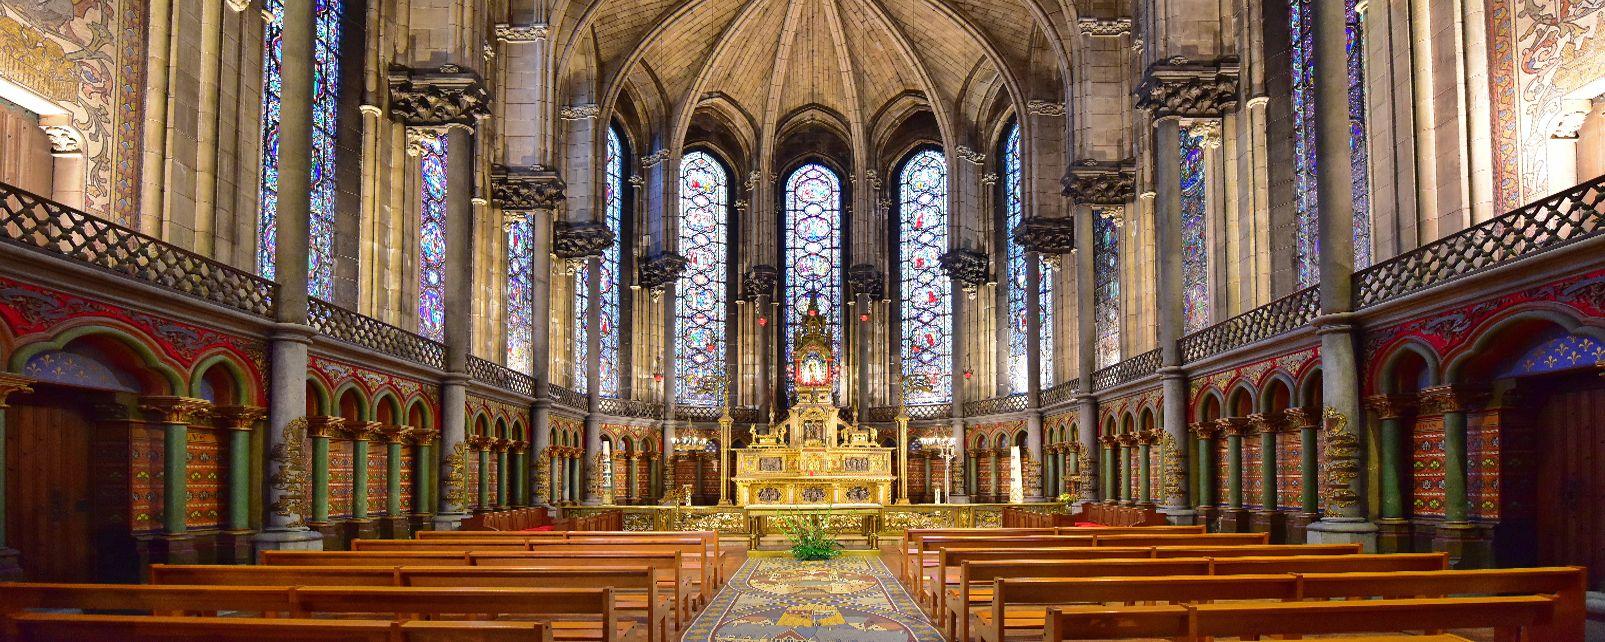 Les monuments, notre-dame, église, de la treille, france, lille, europe, nord, hauts-de-france, culte, religion, catholicisme, culture